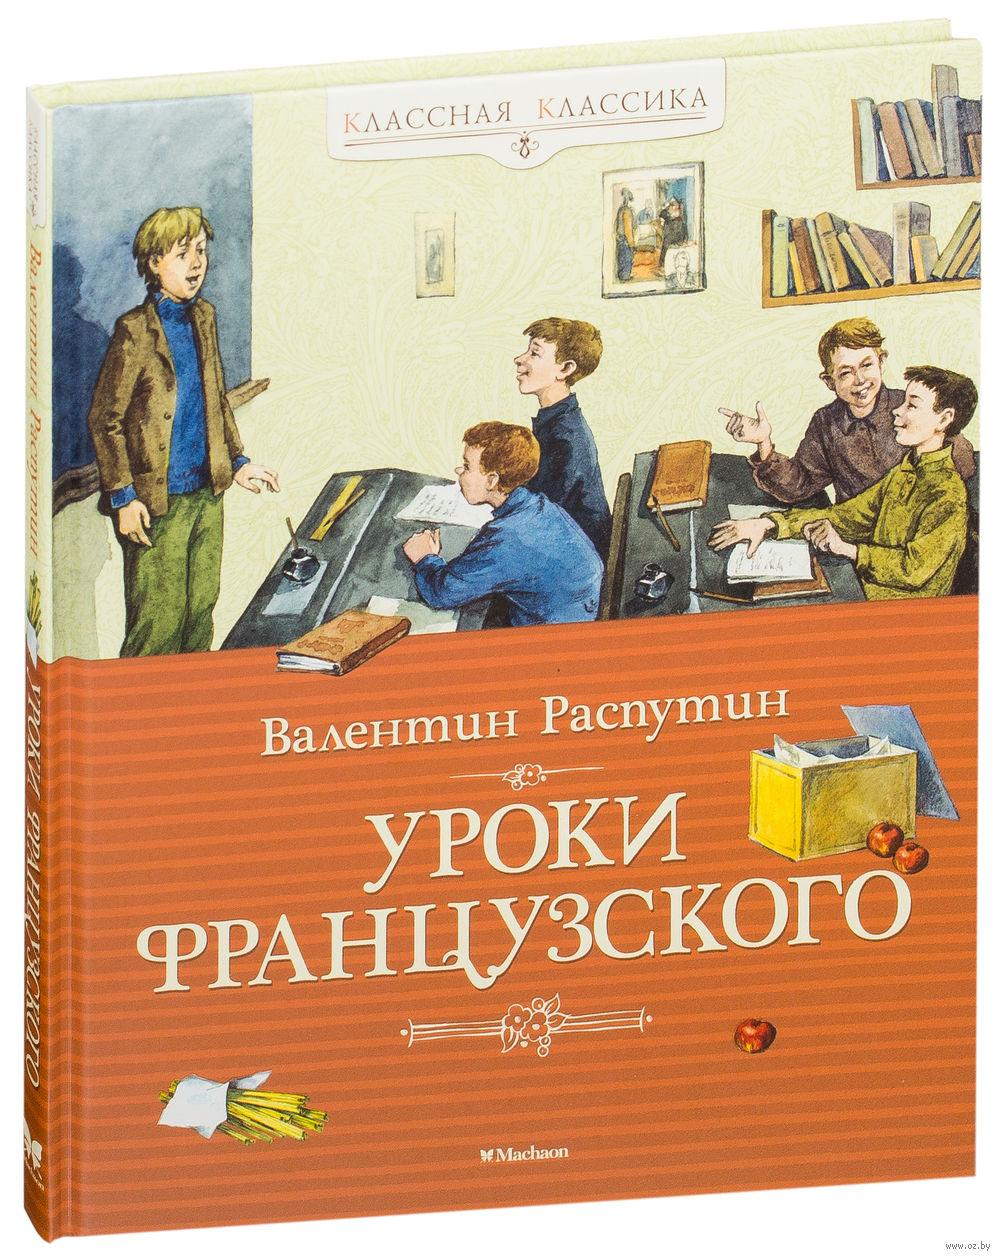 Книга Распутин В. - Уроки французскогоКлассная классика<br>Книга Распутин В. - Уроки французского<br>